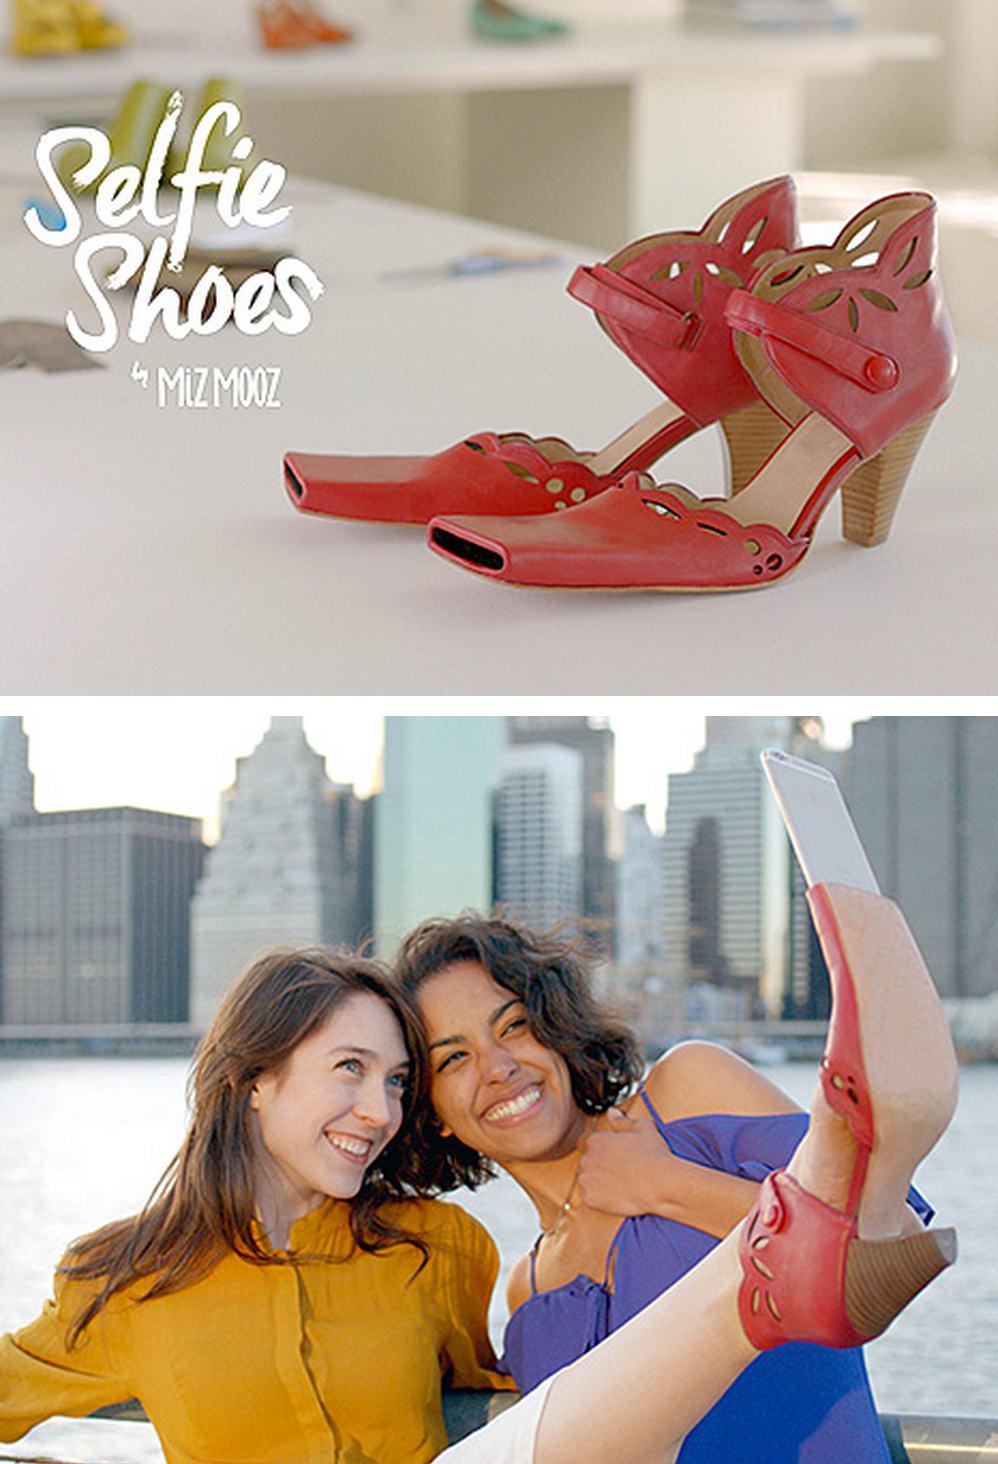 8. Selfie shoes?